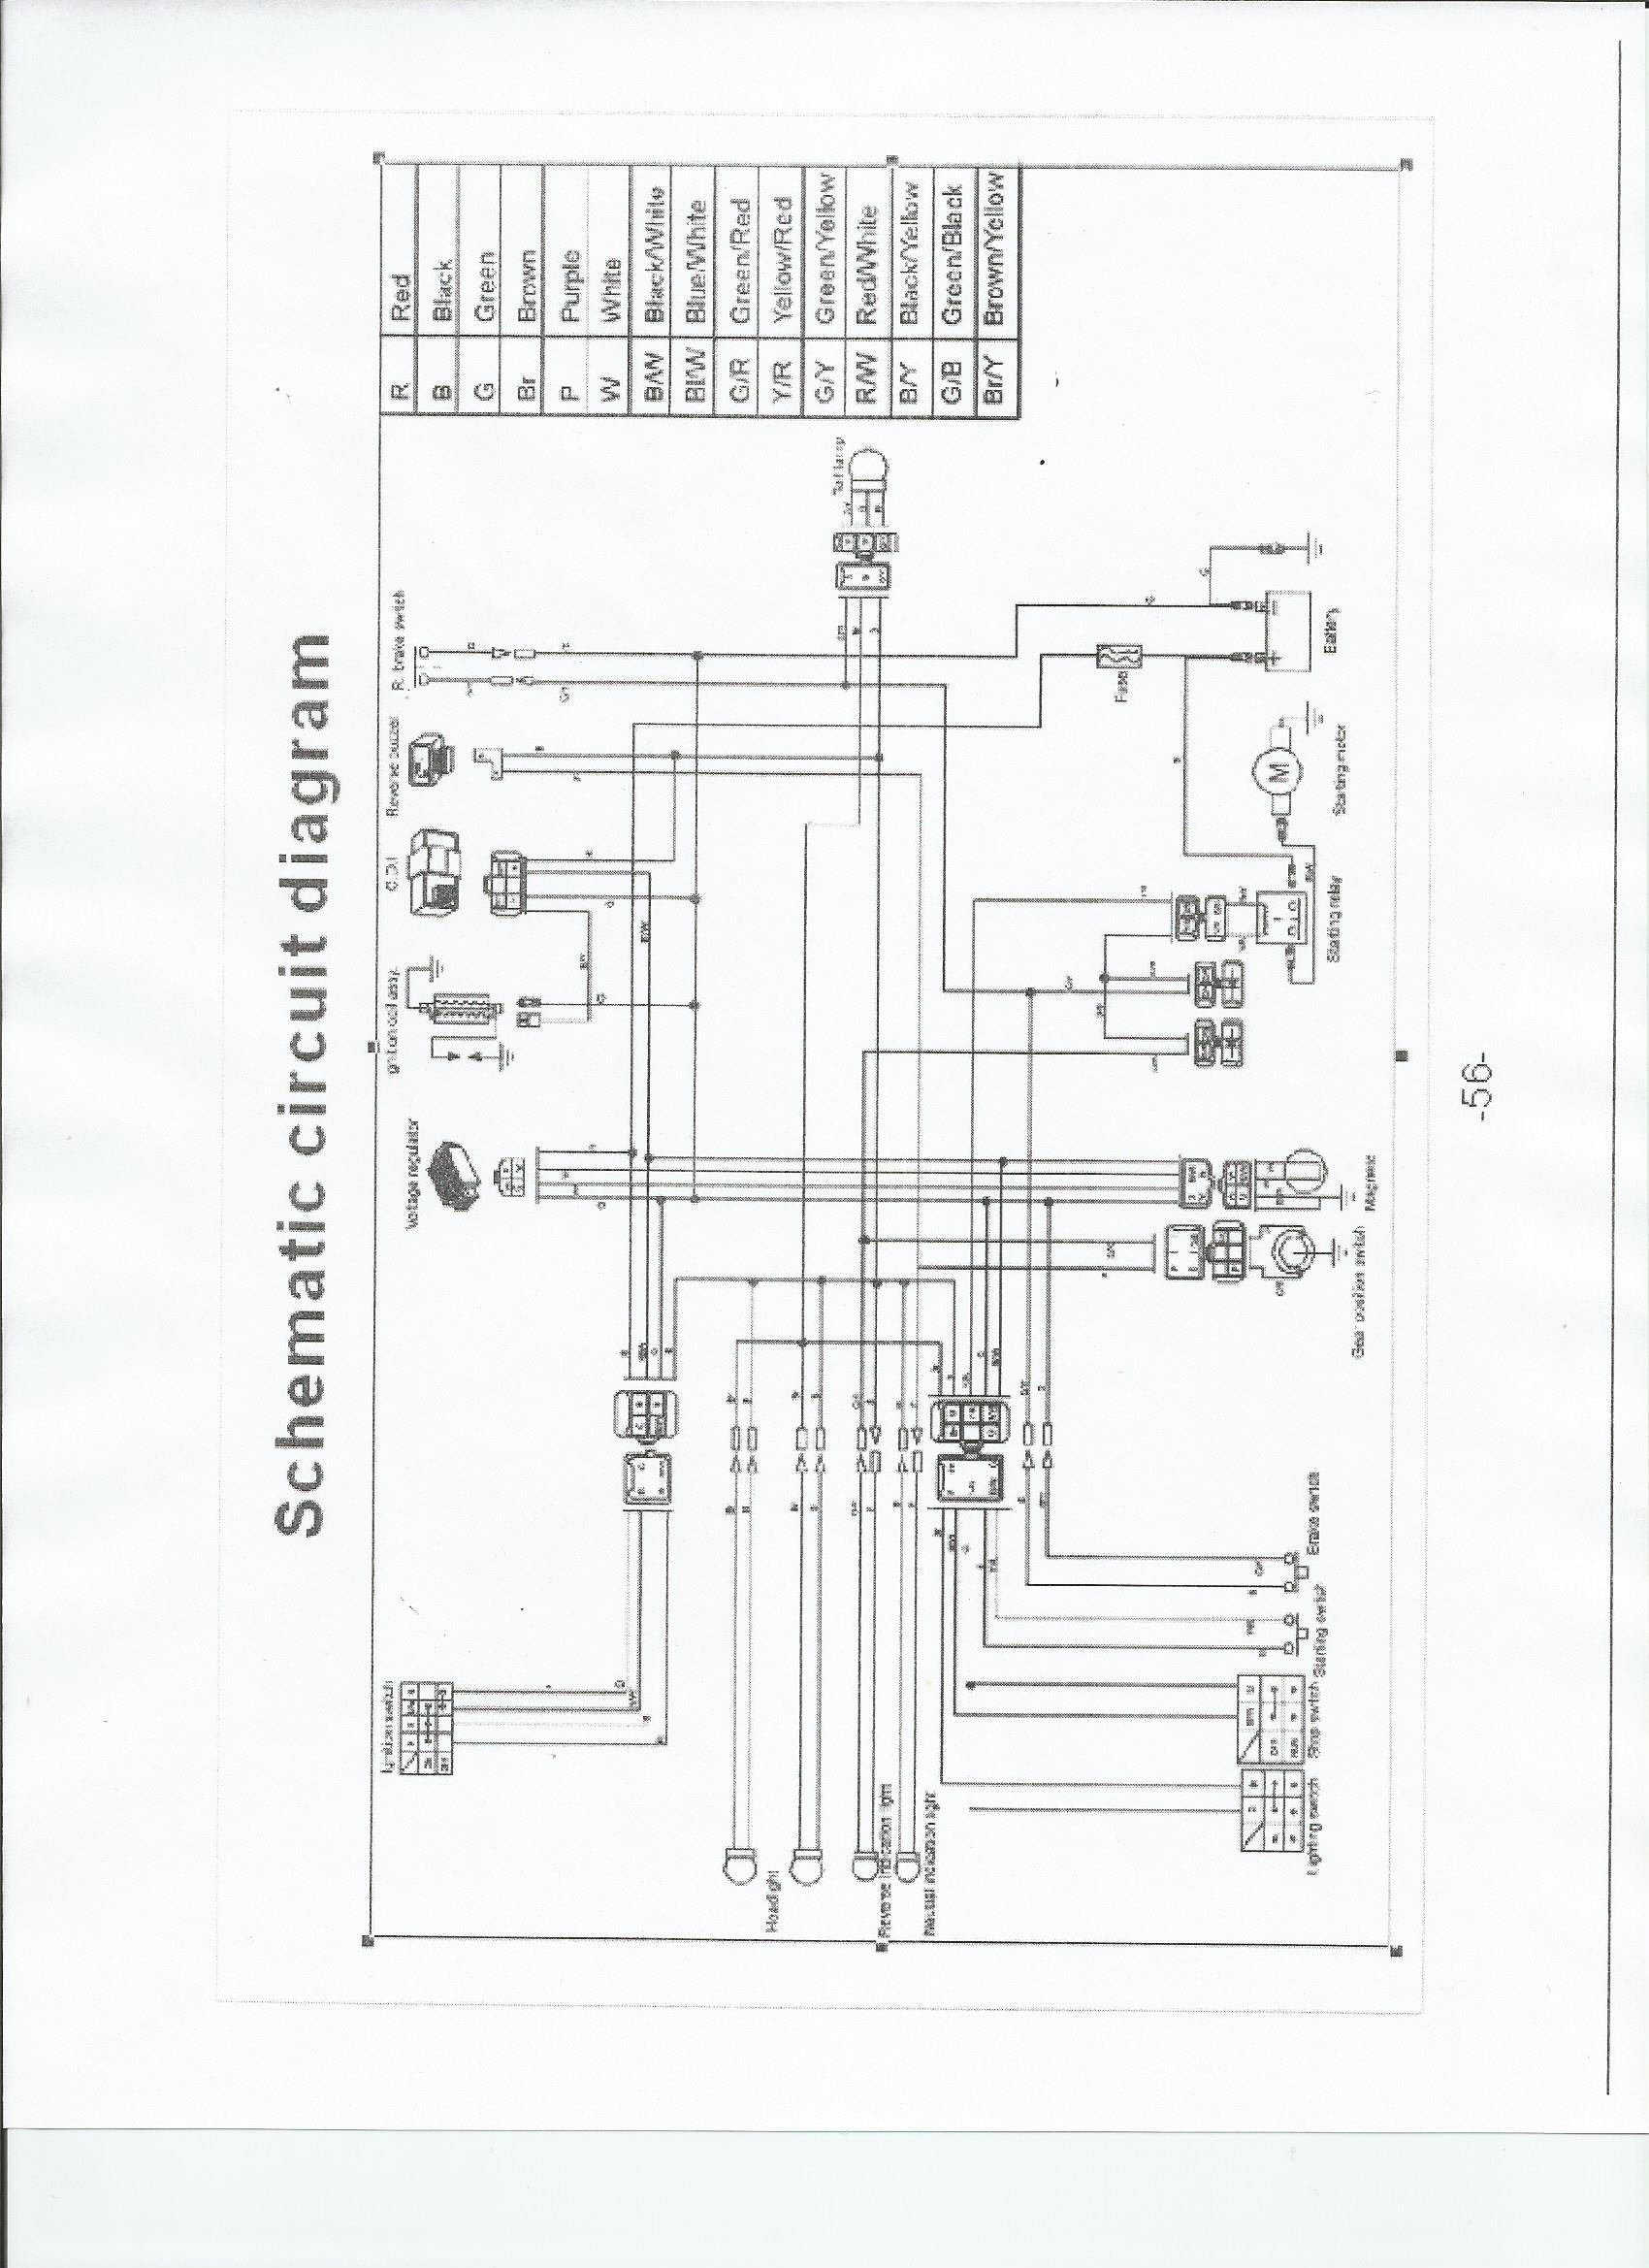 medium resolution of taotao mini and youth atv wiring schematic familygokarts support tao tao atv wiring diagram tao tao atv wiring diagram